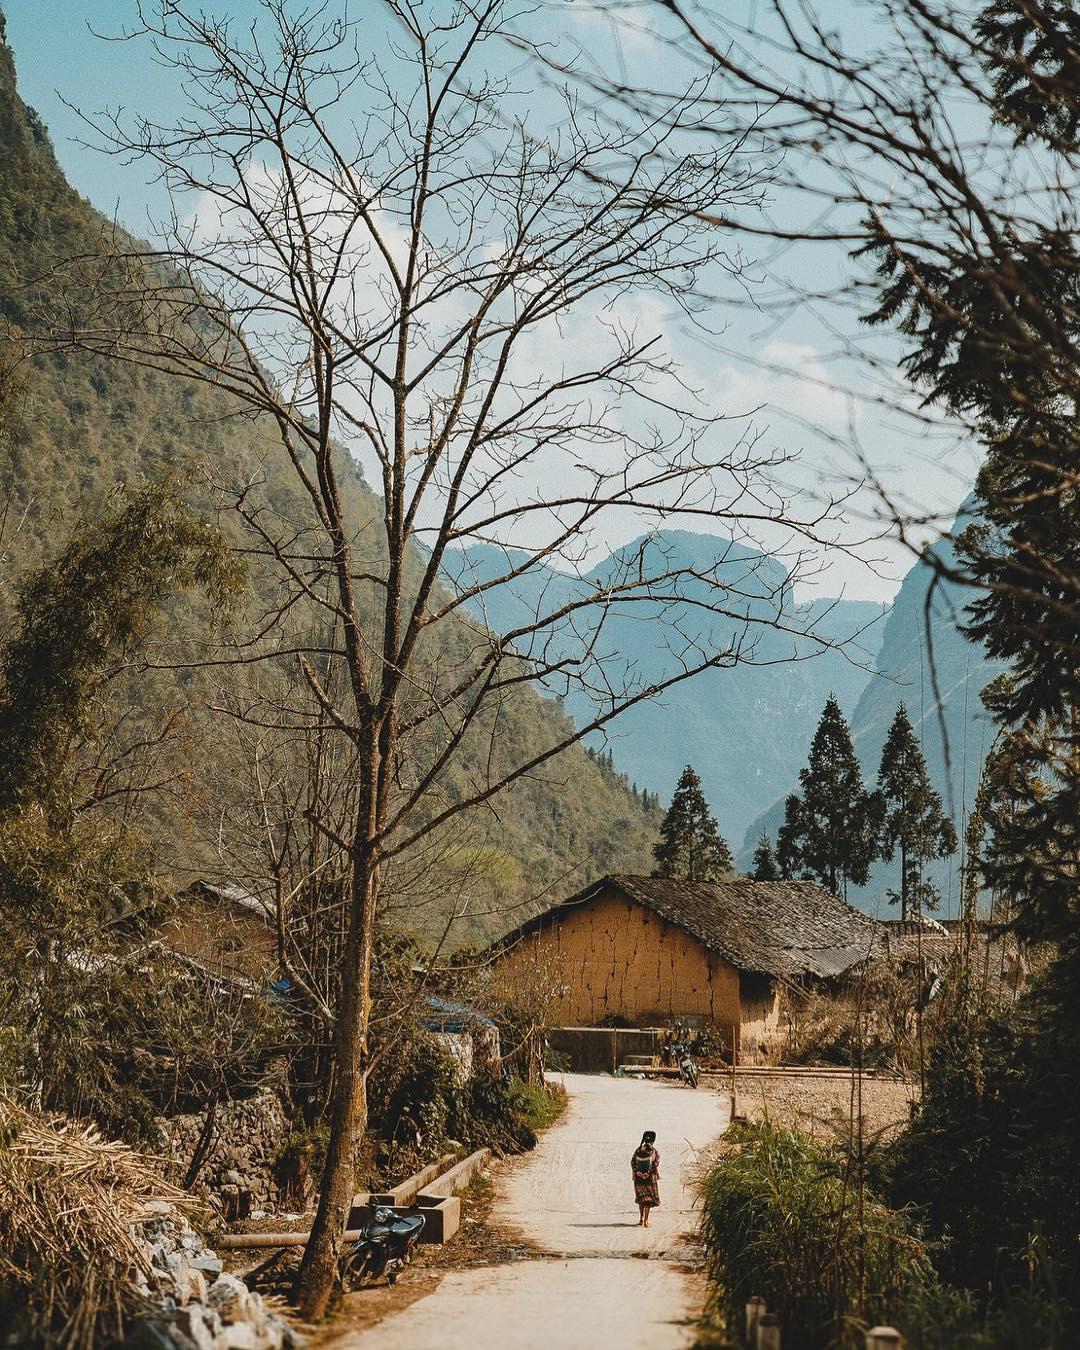 Lối vào bản làng Hà Giang dưới những chân núi